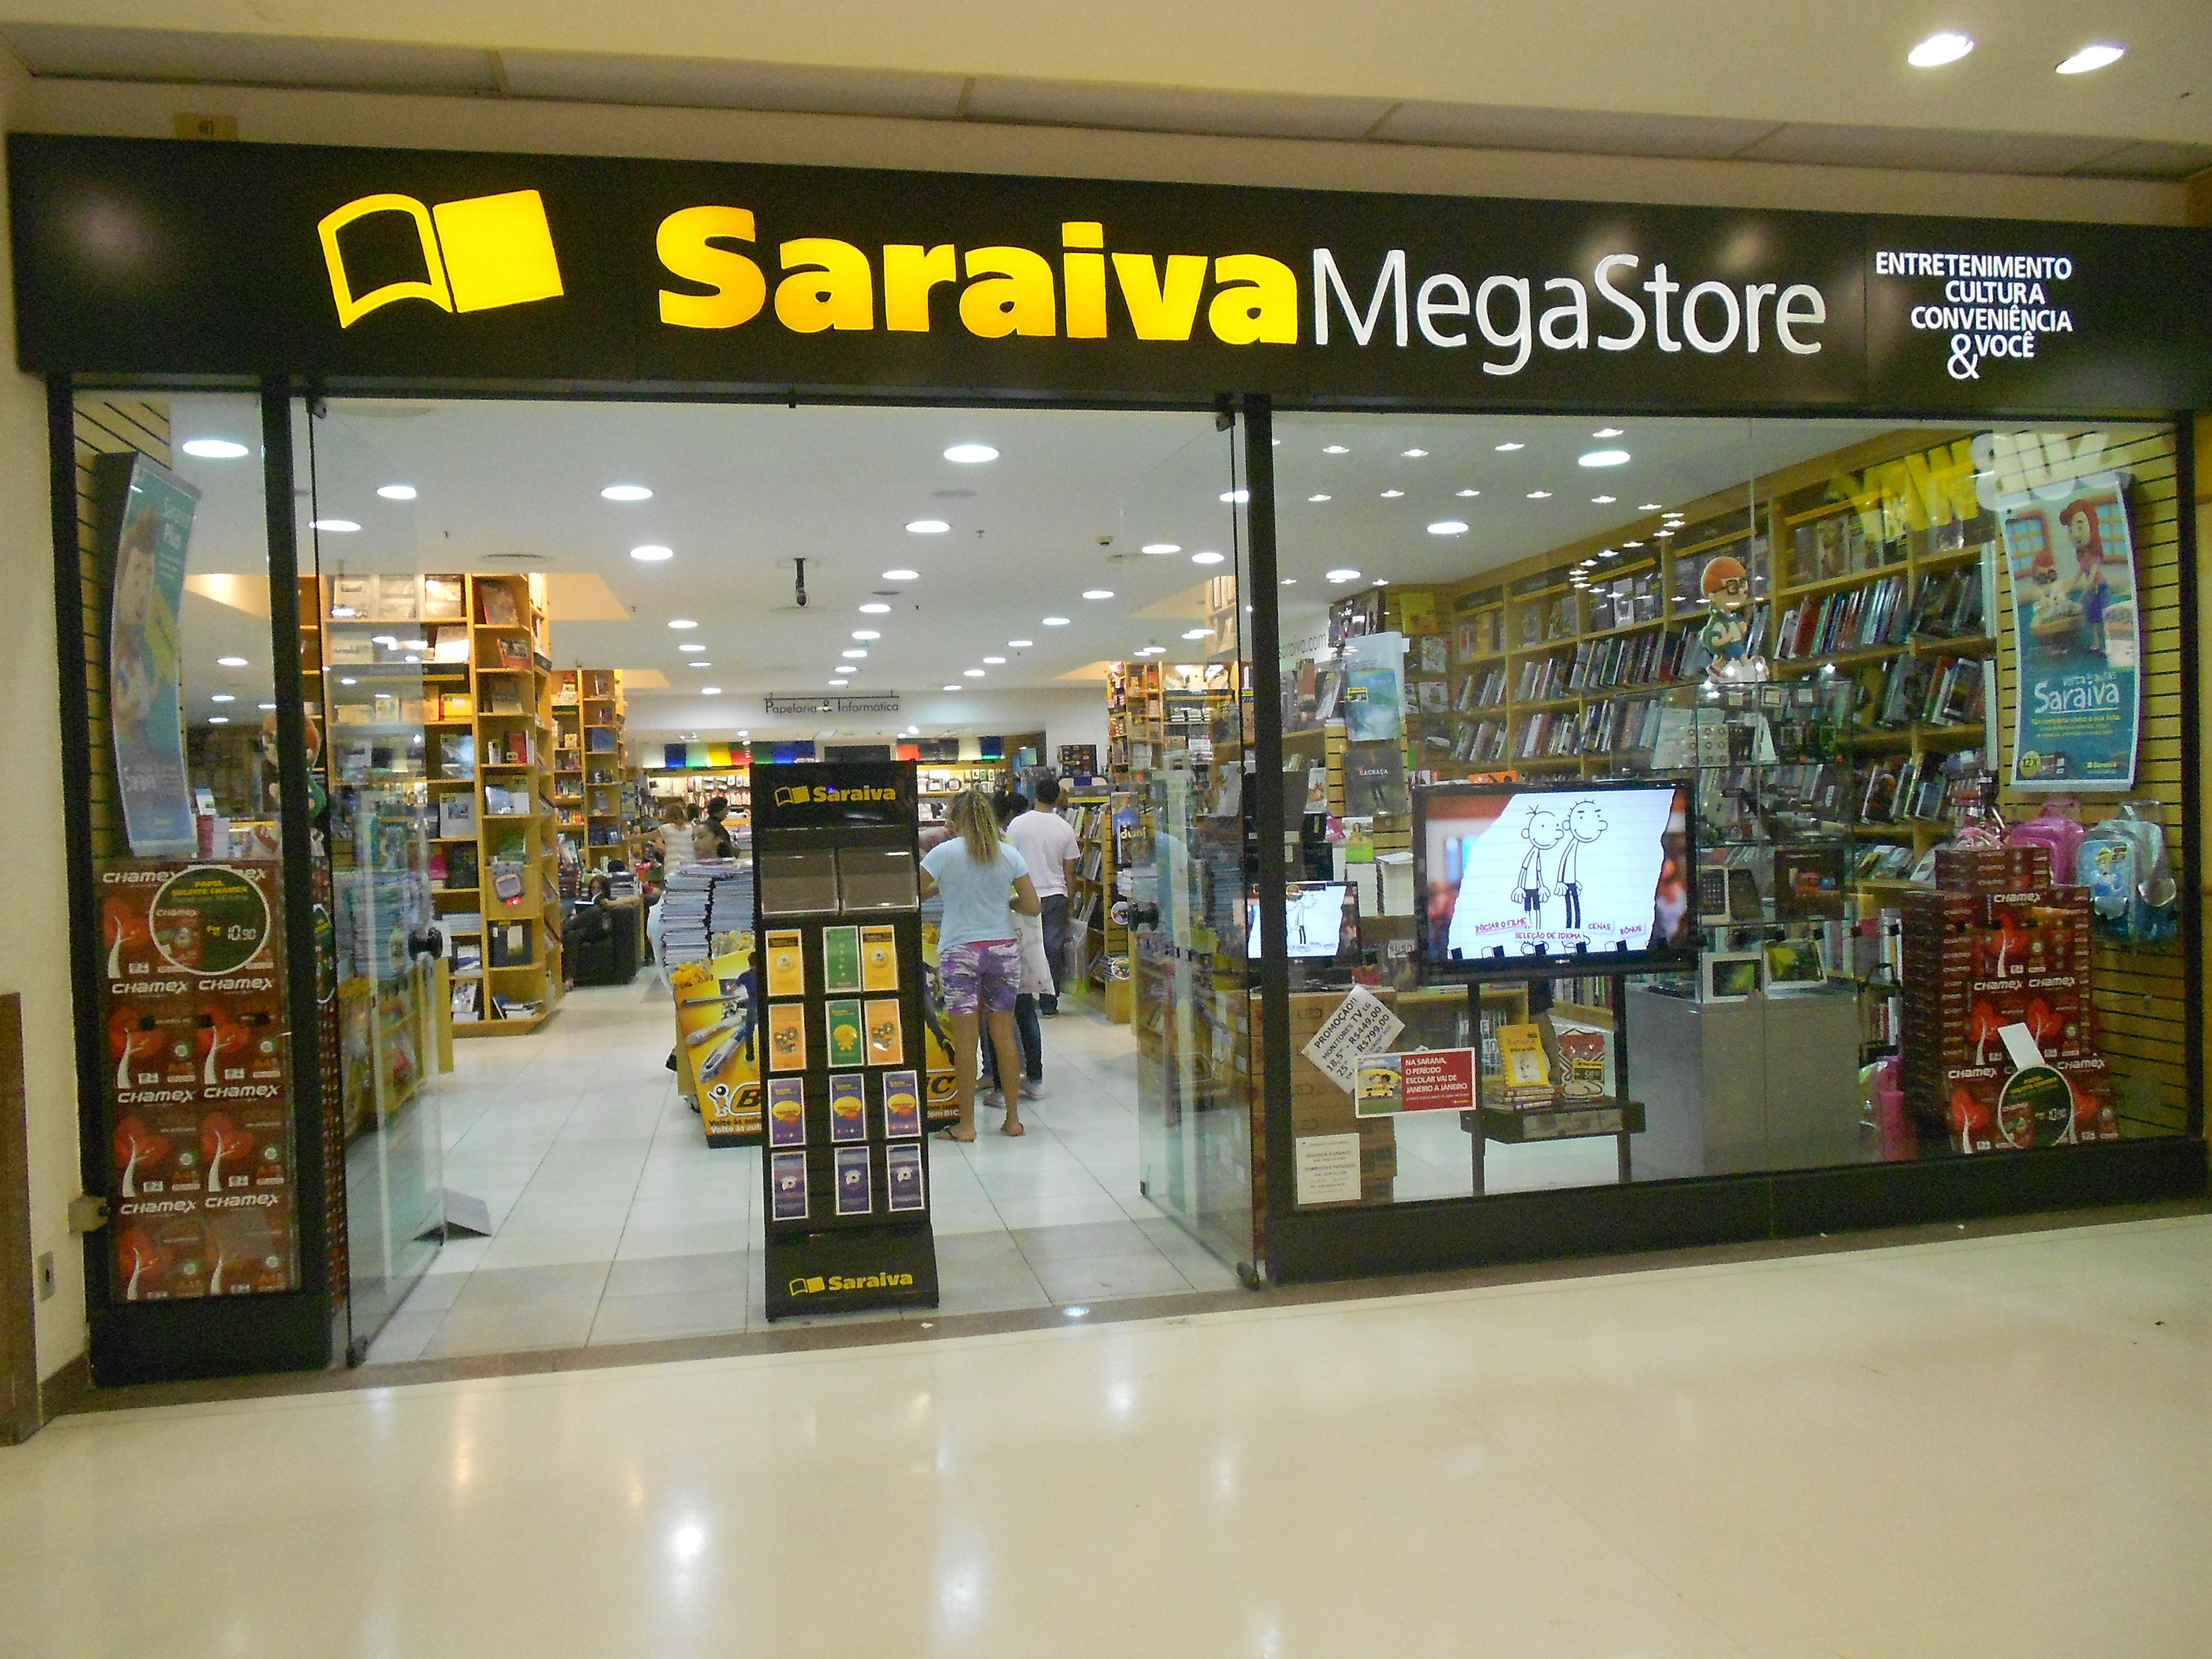 Possível falência da Saraiva (SLED3), NotreDame (GNDI3) e Minerva (BEEF3) são destaques